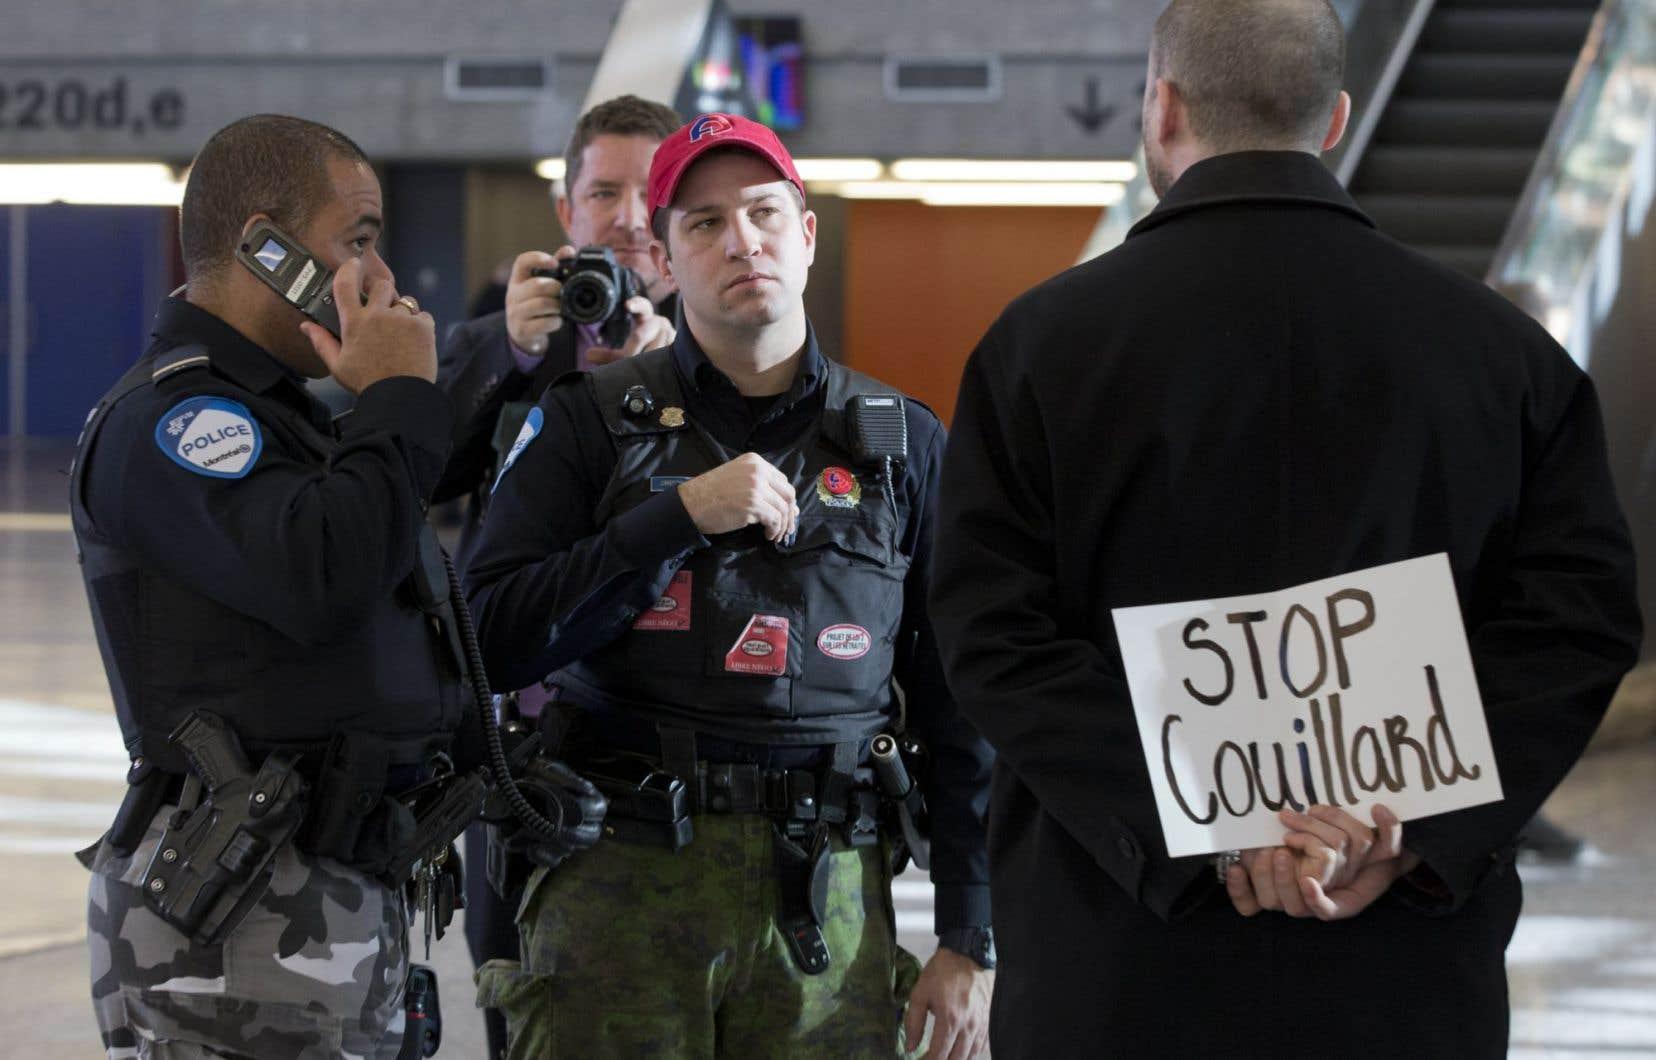 Les gens qui se sont levés pendant le discours de M. Couillard ont rapidement été escortés à l'extérieur.<br />